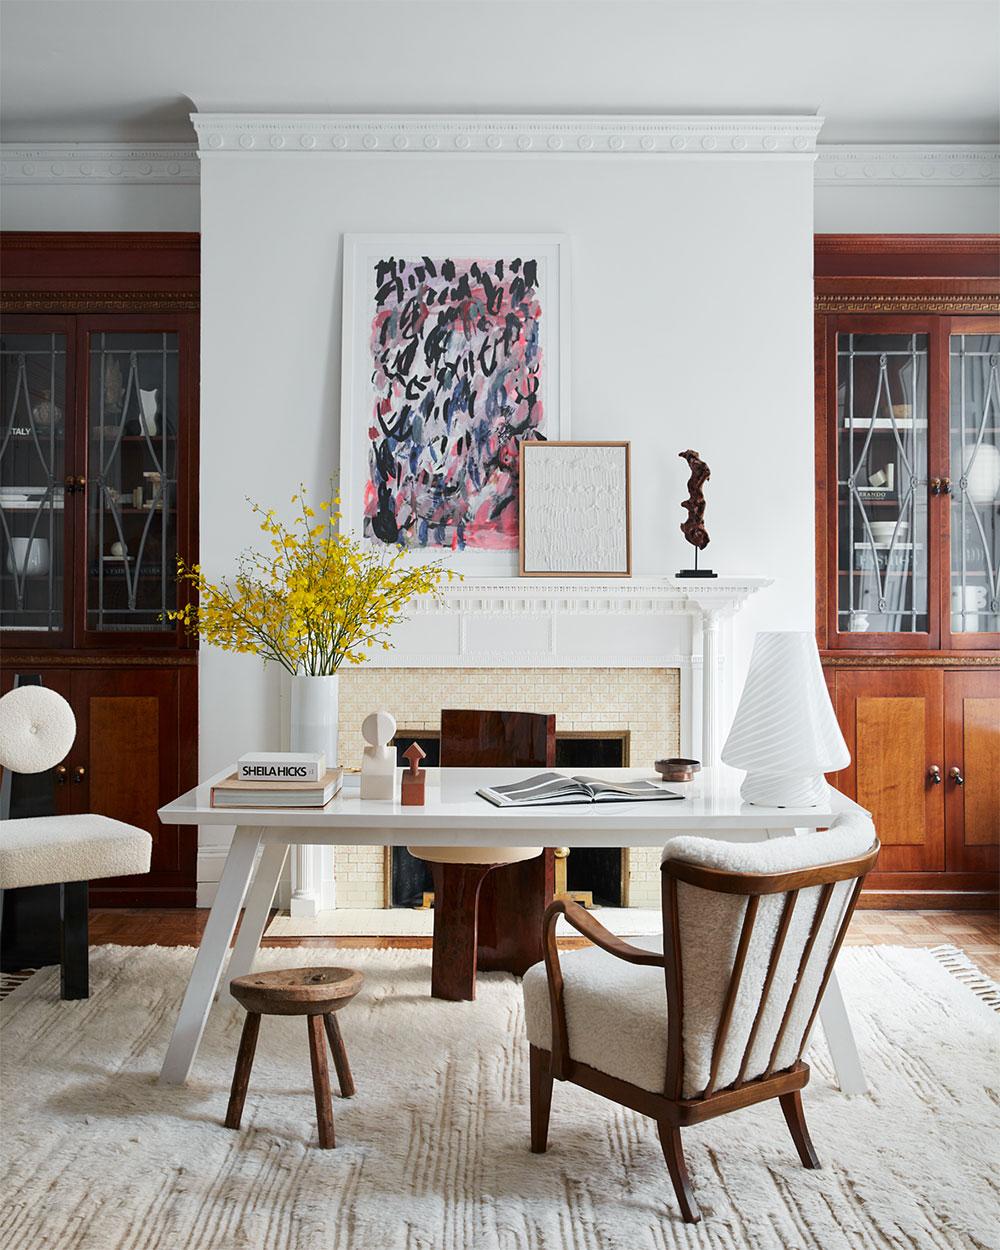 Интерьер с иголочки: изысканный таунхаус в Нью-Йорке по проекту модного дизайнера Christian Siriano